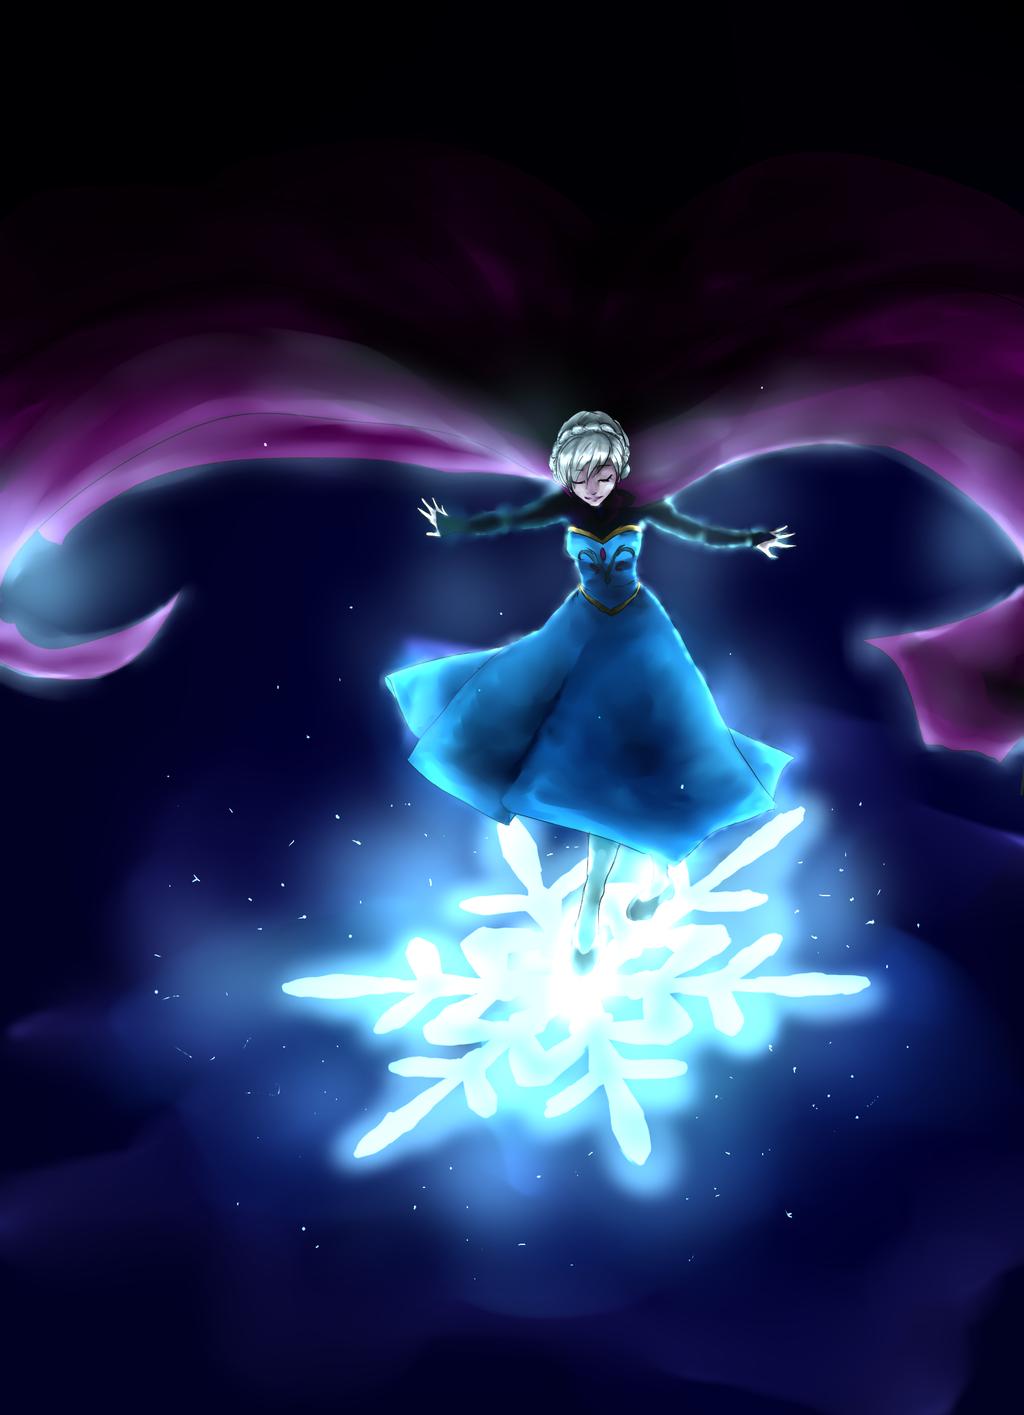 Frozen by chorchori